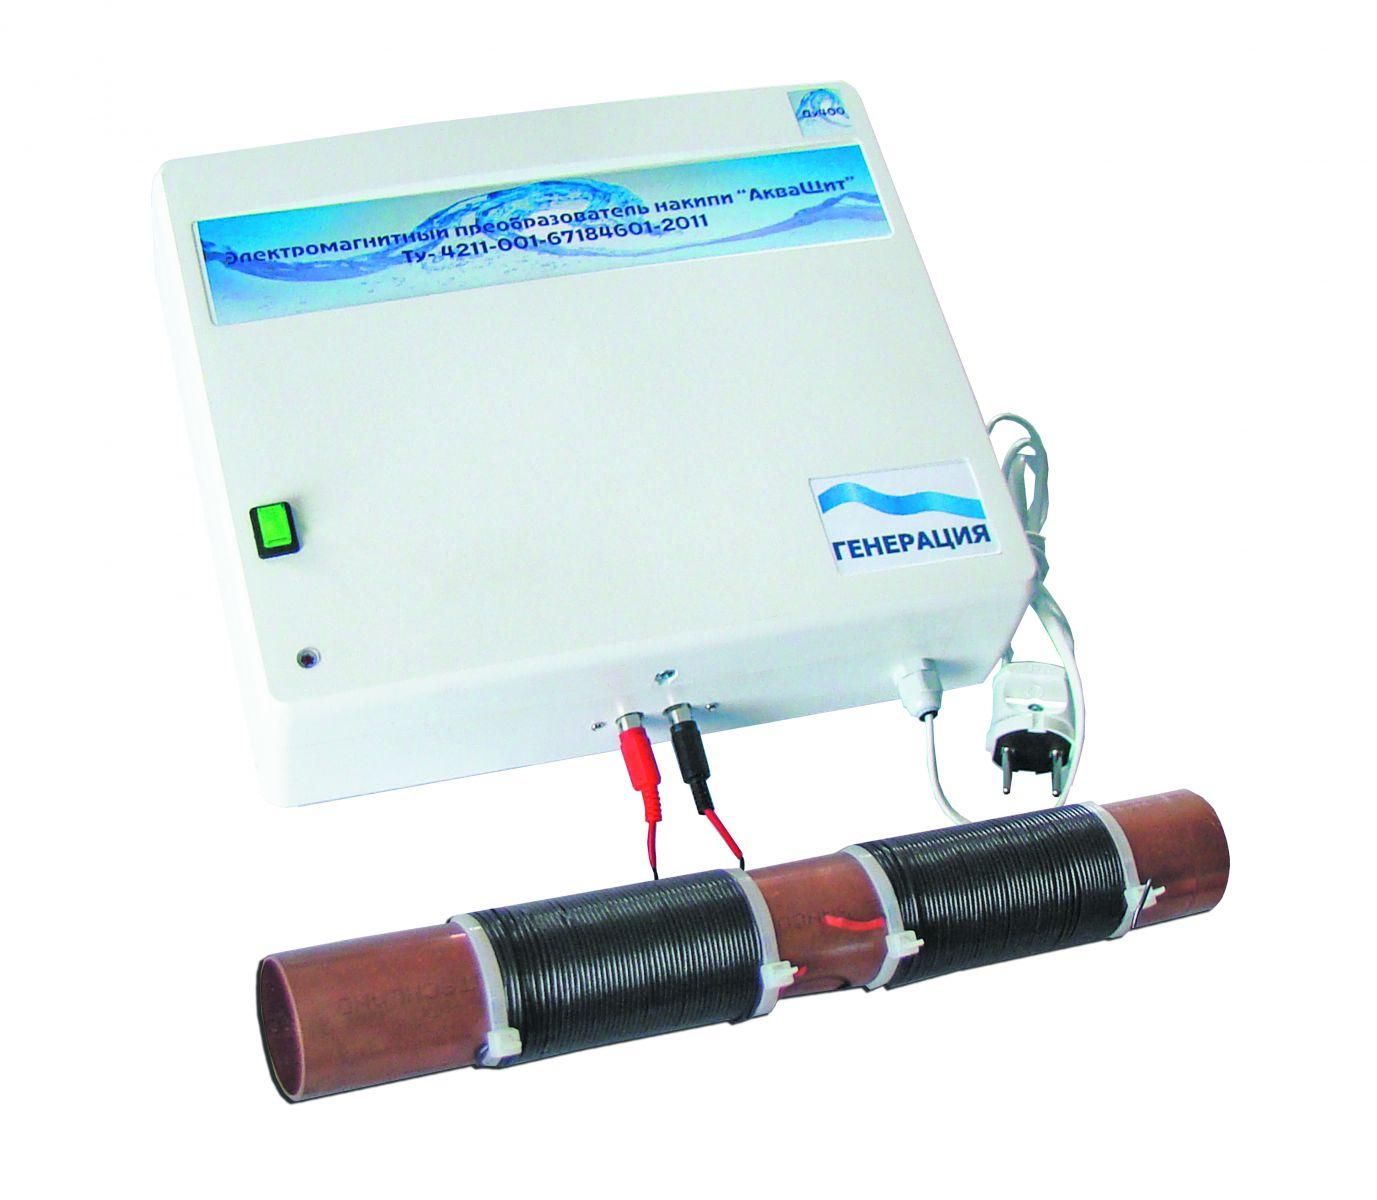 Как содать своими руками магнитный фильтр для смягчения воды